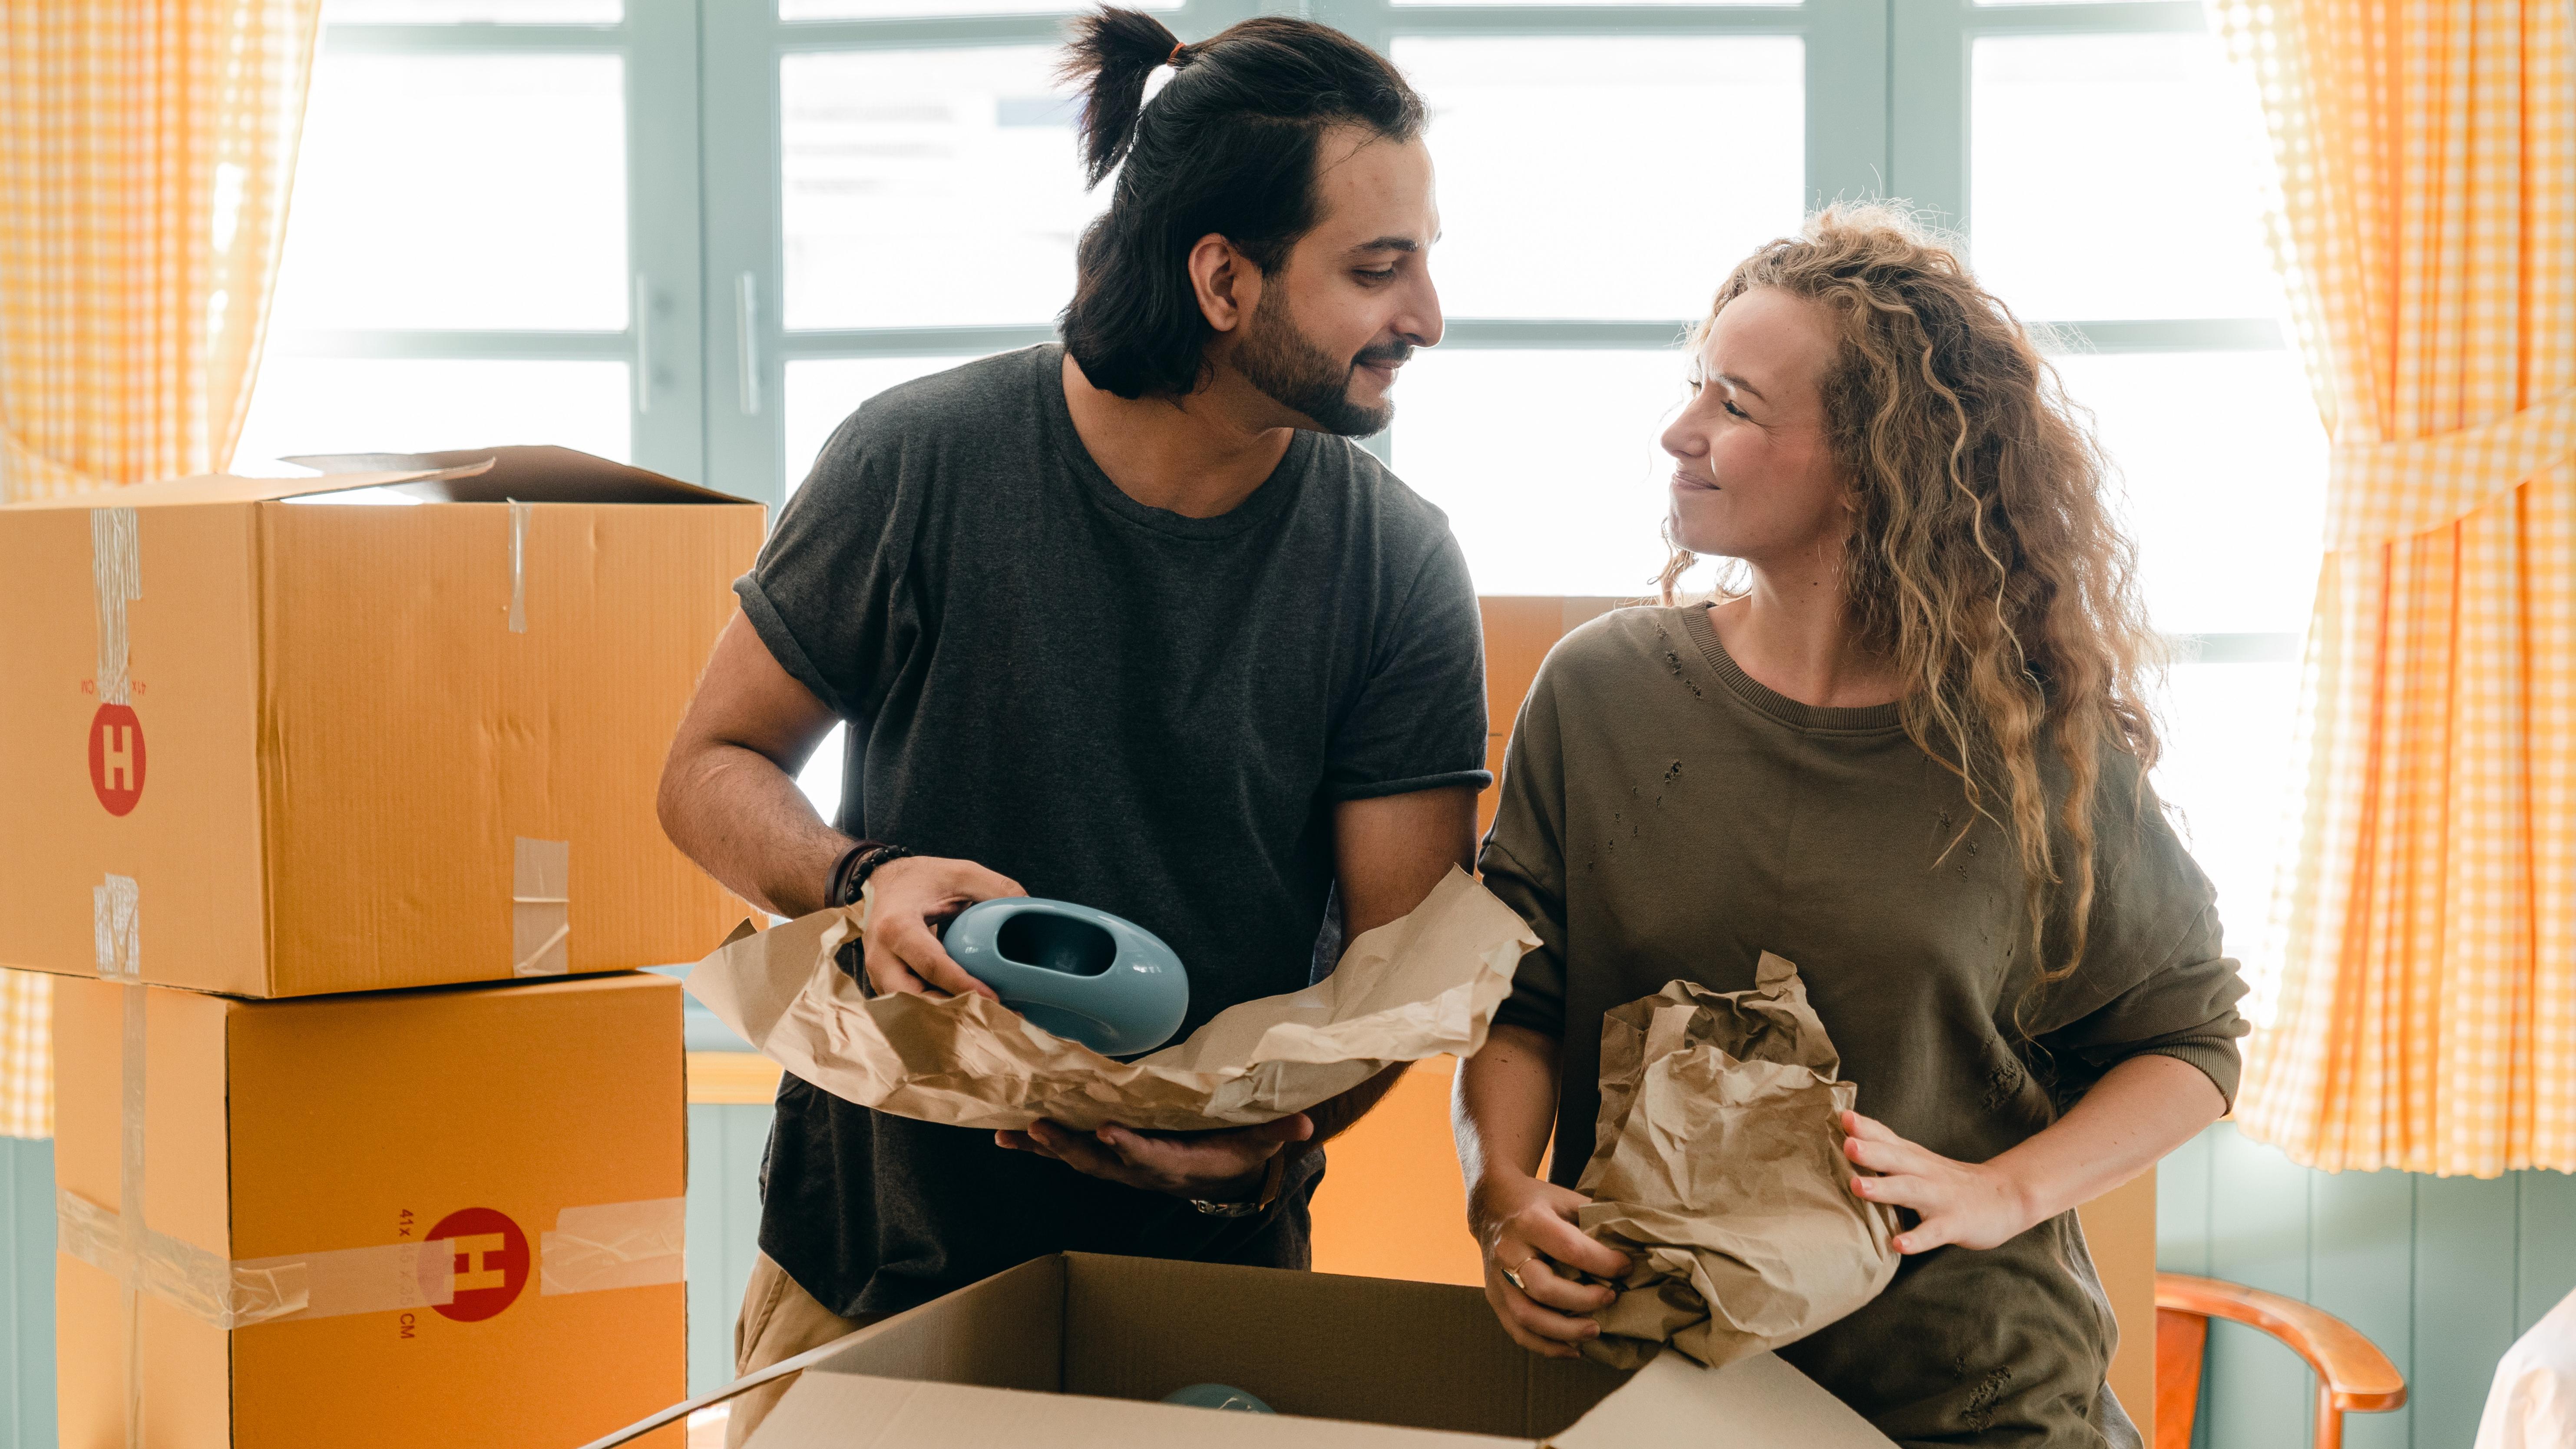 Wohnen auf kleinem Raum: Tipps zum Umgang mit Ihrem Partner